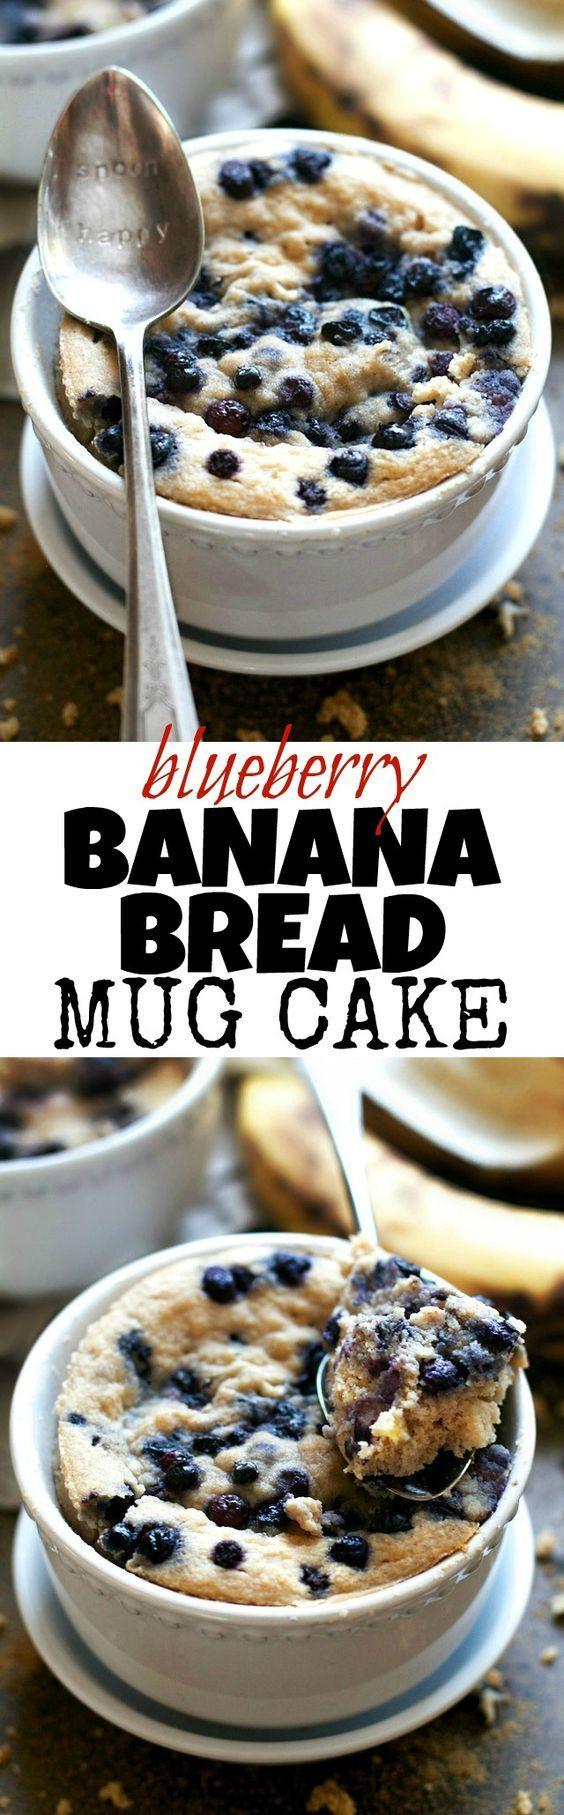 Keto Banana Bread Mug Cake  Blueberry Banana Bread Mug Cake